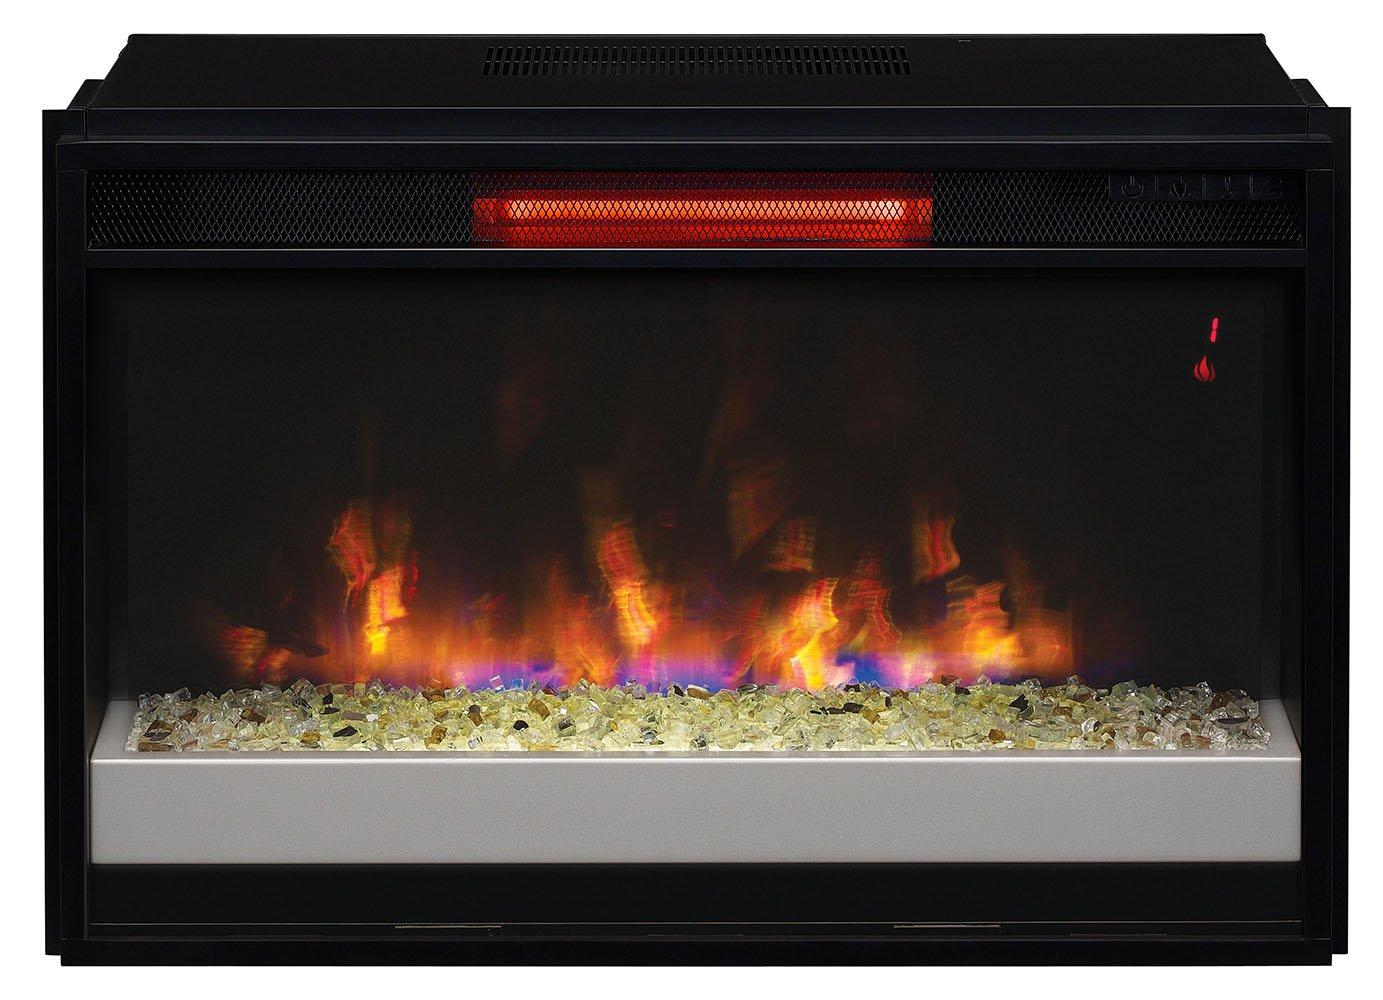 Classic Flame 26II310GRG-201 26